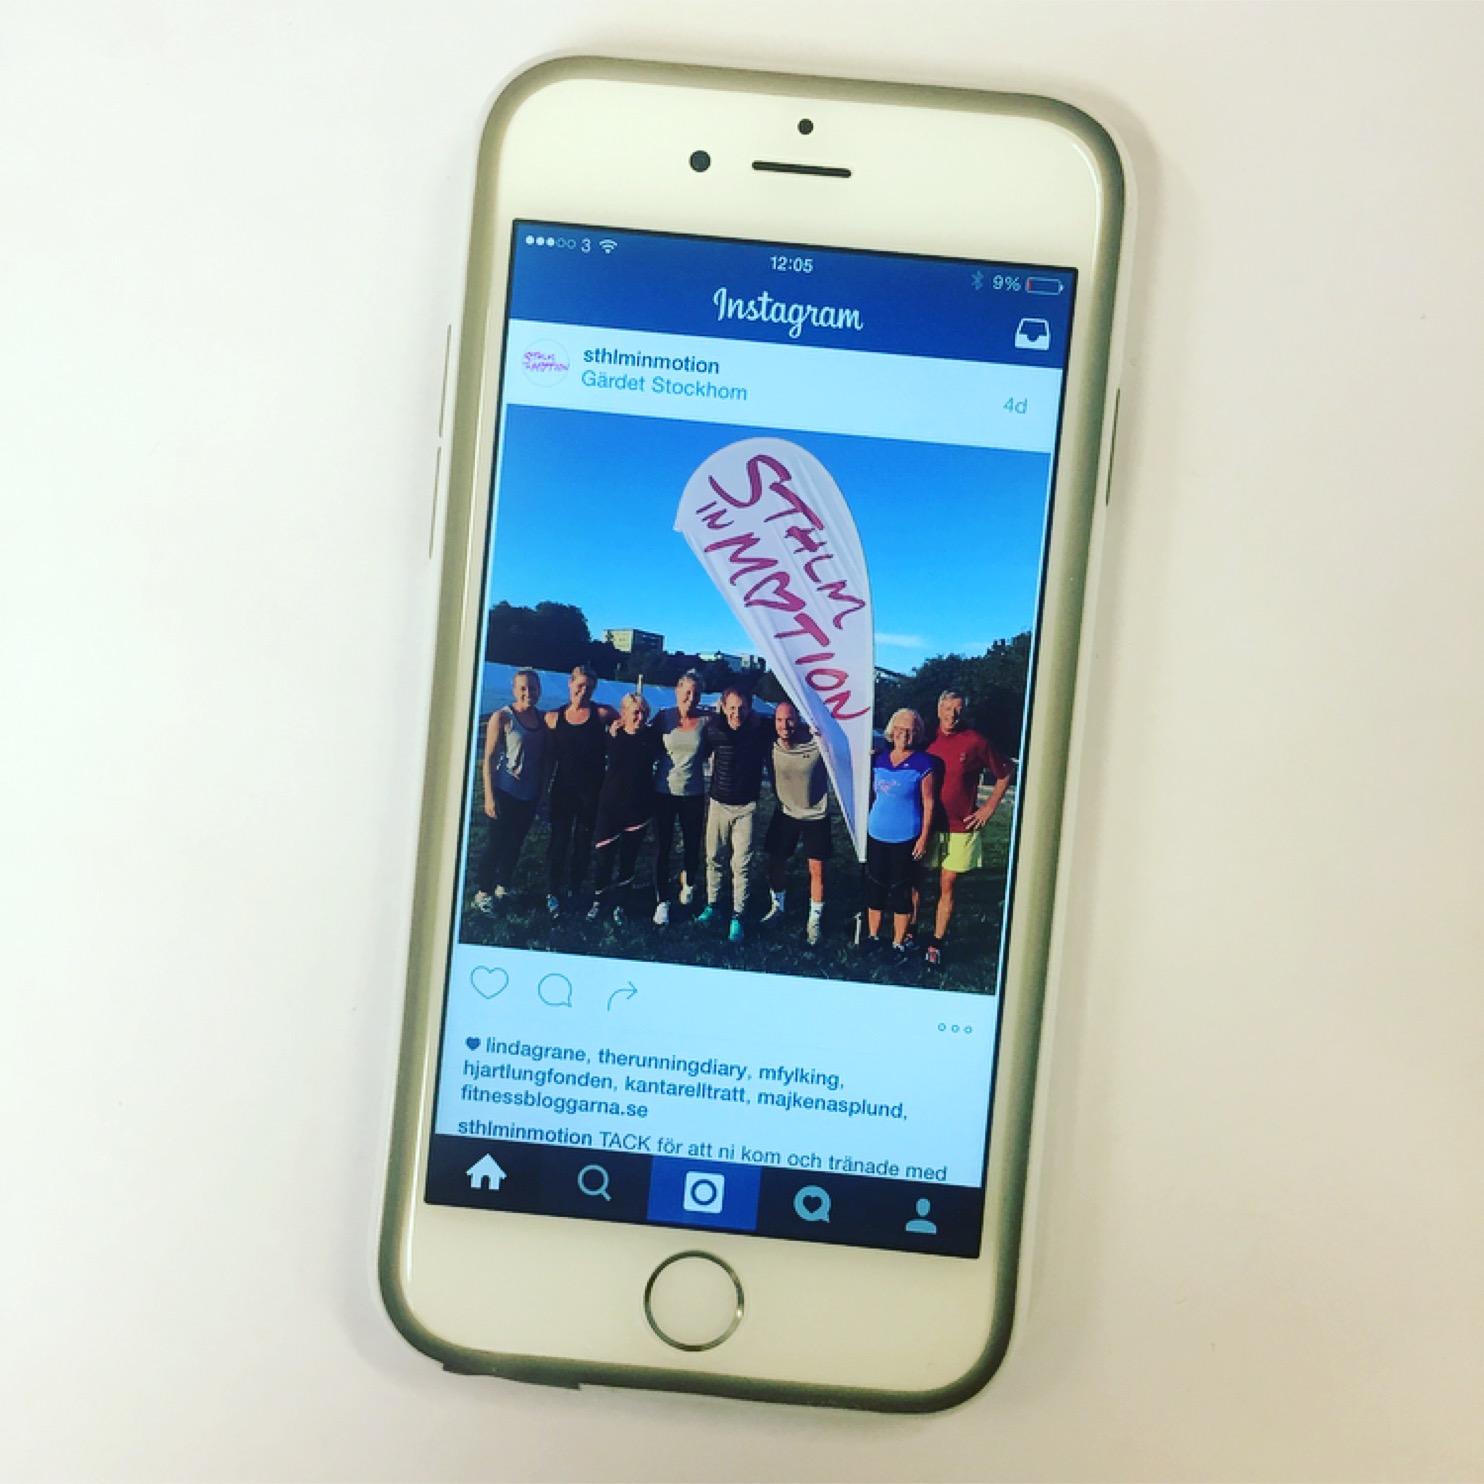 Bygg ett starkt varumärke genom sociala medier: Vilken kanal passar ert företag bäst? (Del 1)